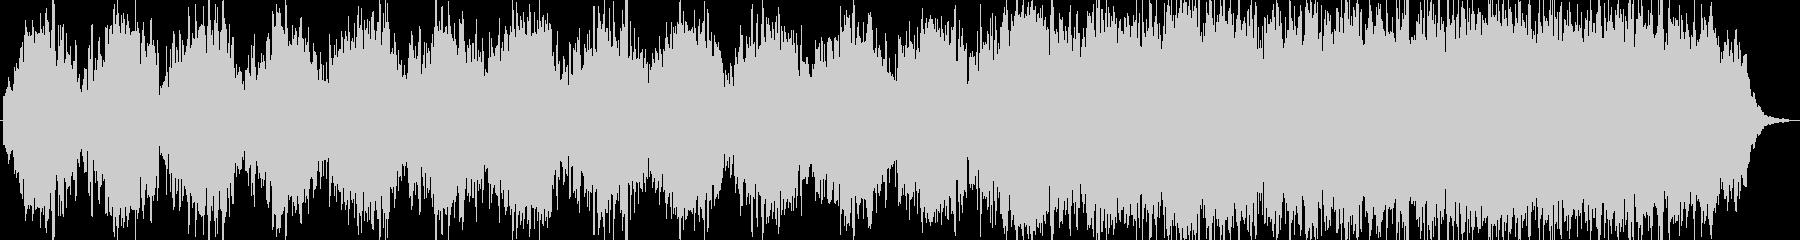 流星をイメージした曲です。の未再生の波形